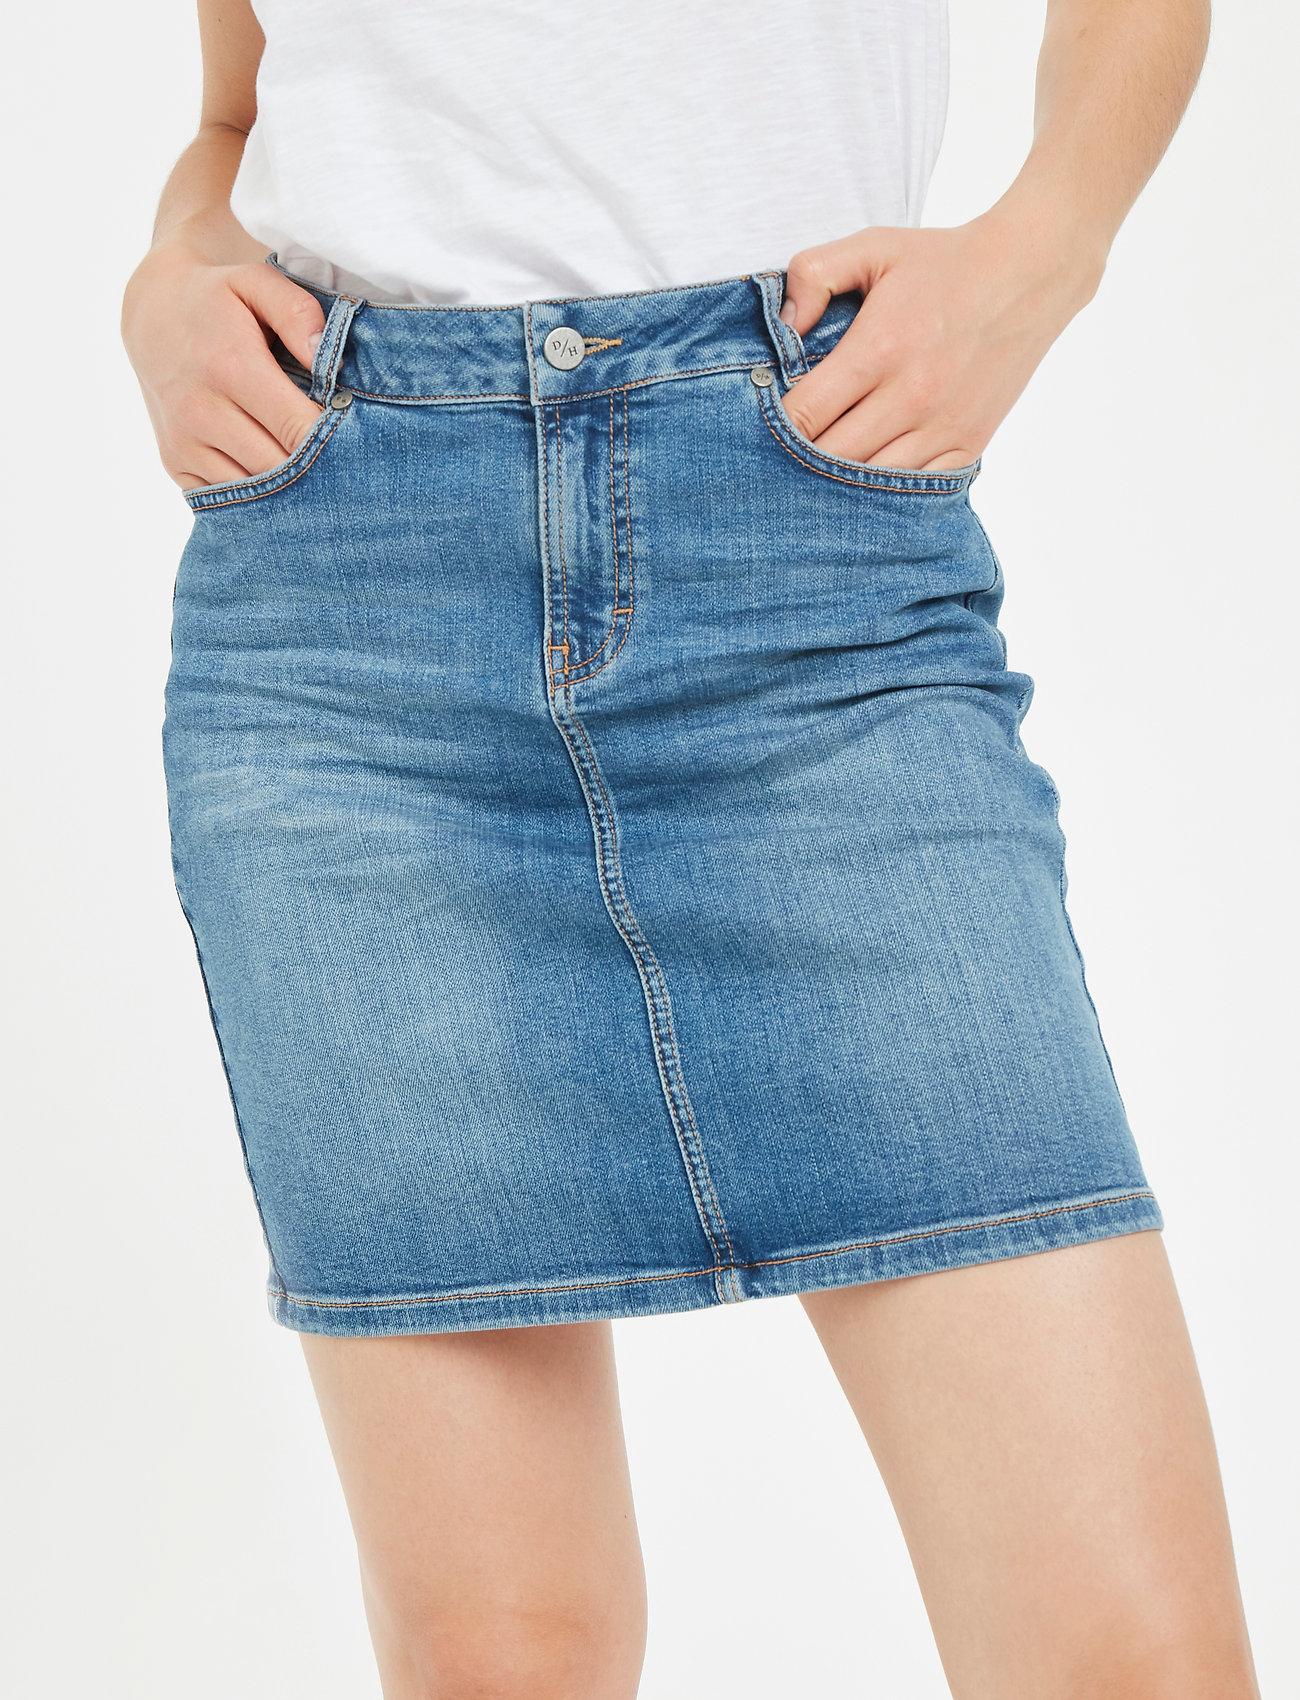 Denim Hunter - 12 THE DENIM SKIRT - jeanskjolar - light blue vintage wash - 0